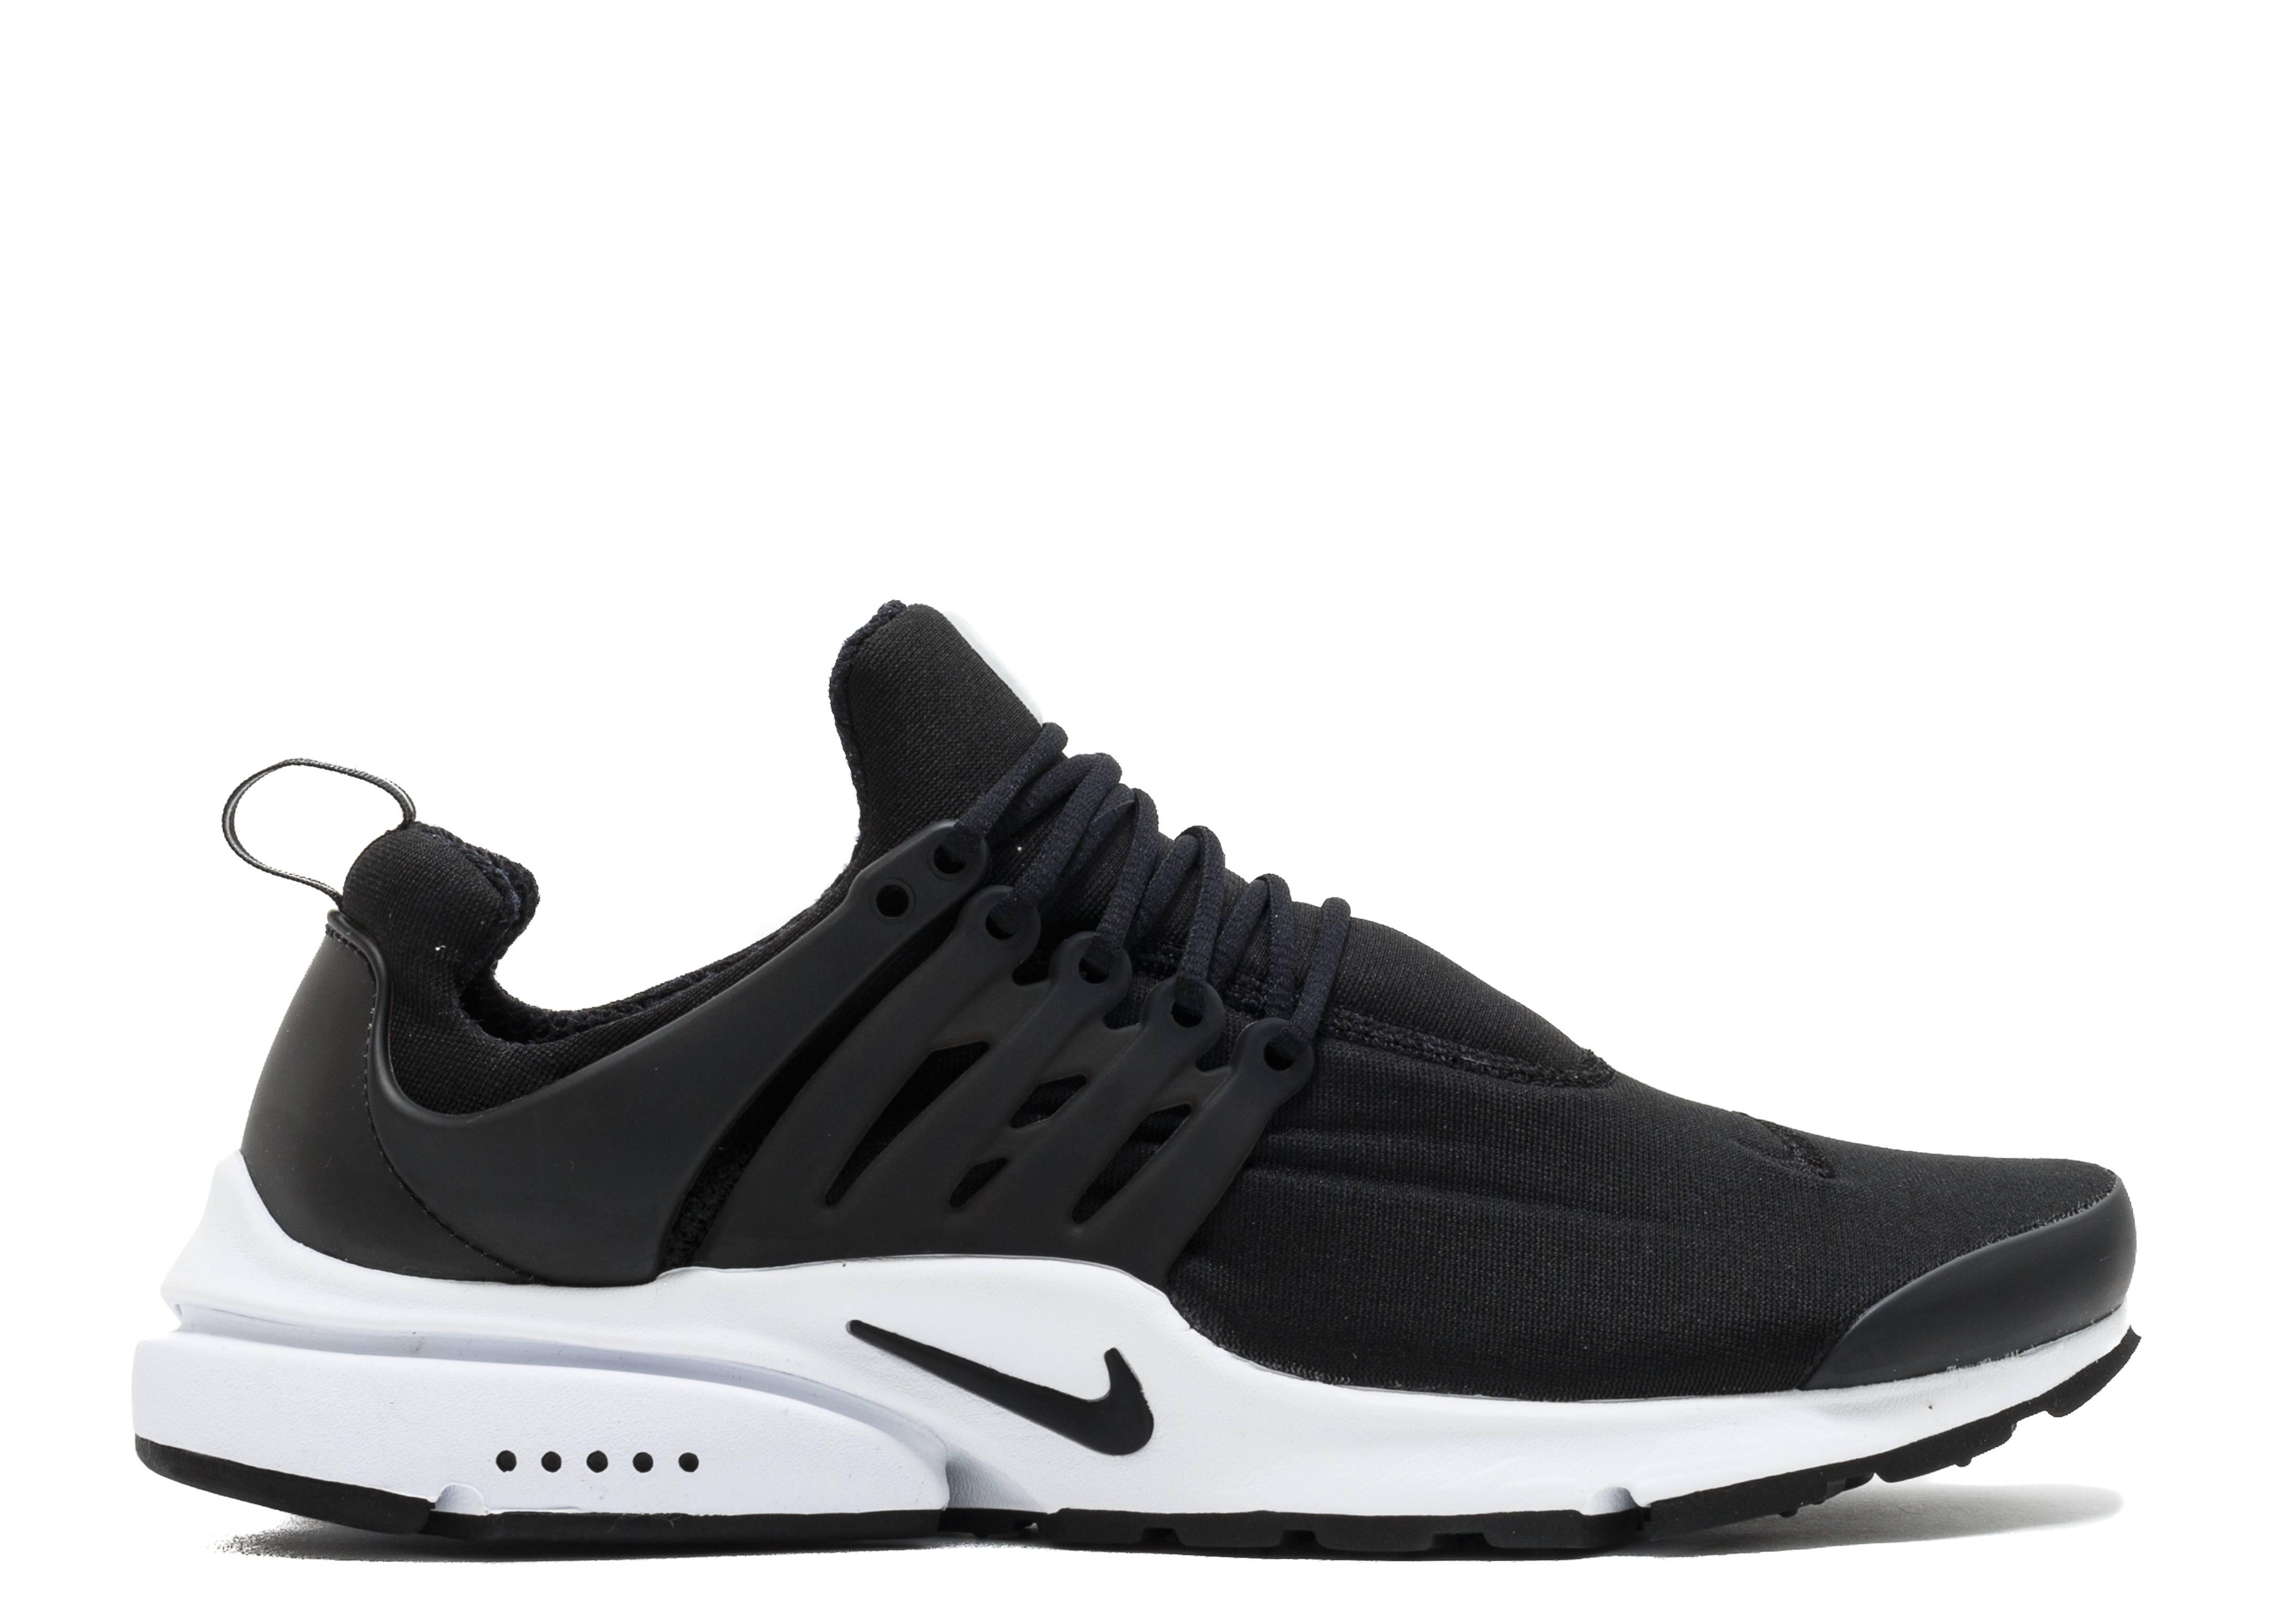 8a47c6af3669 Presto - Nike Running - Nike